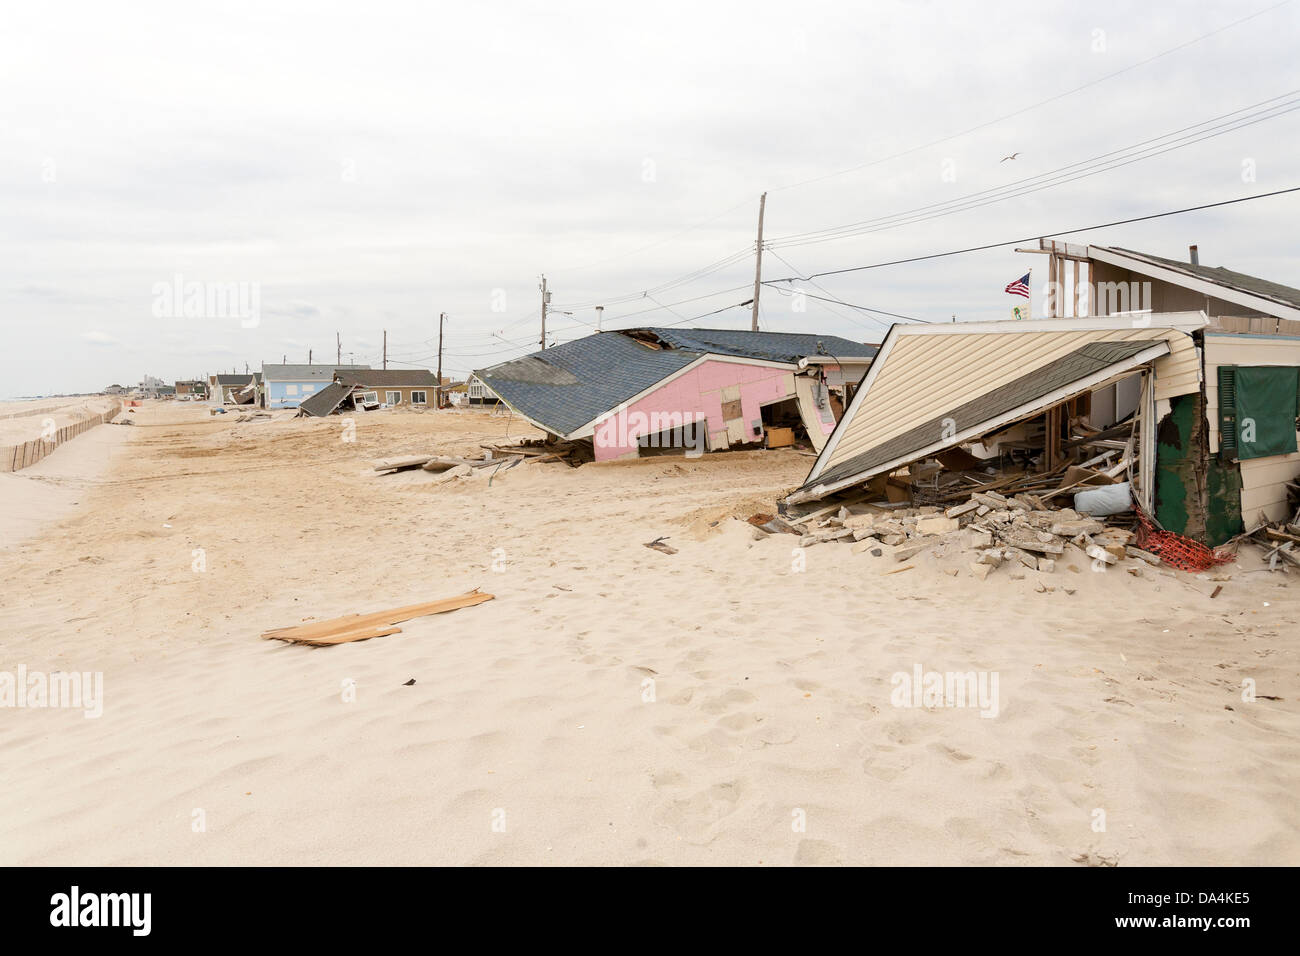 Un uragano lascia una scia di distruzione la distruzione di case e case. Foto Stock